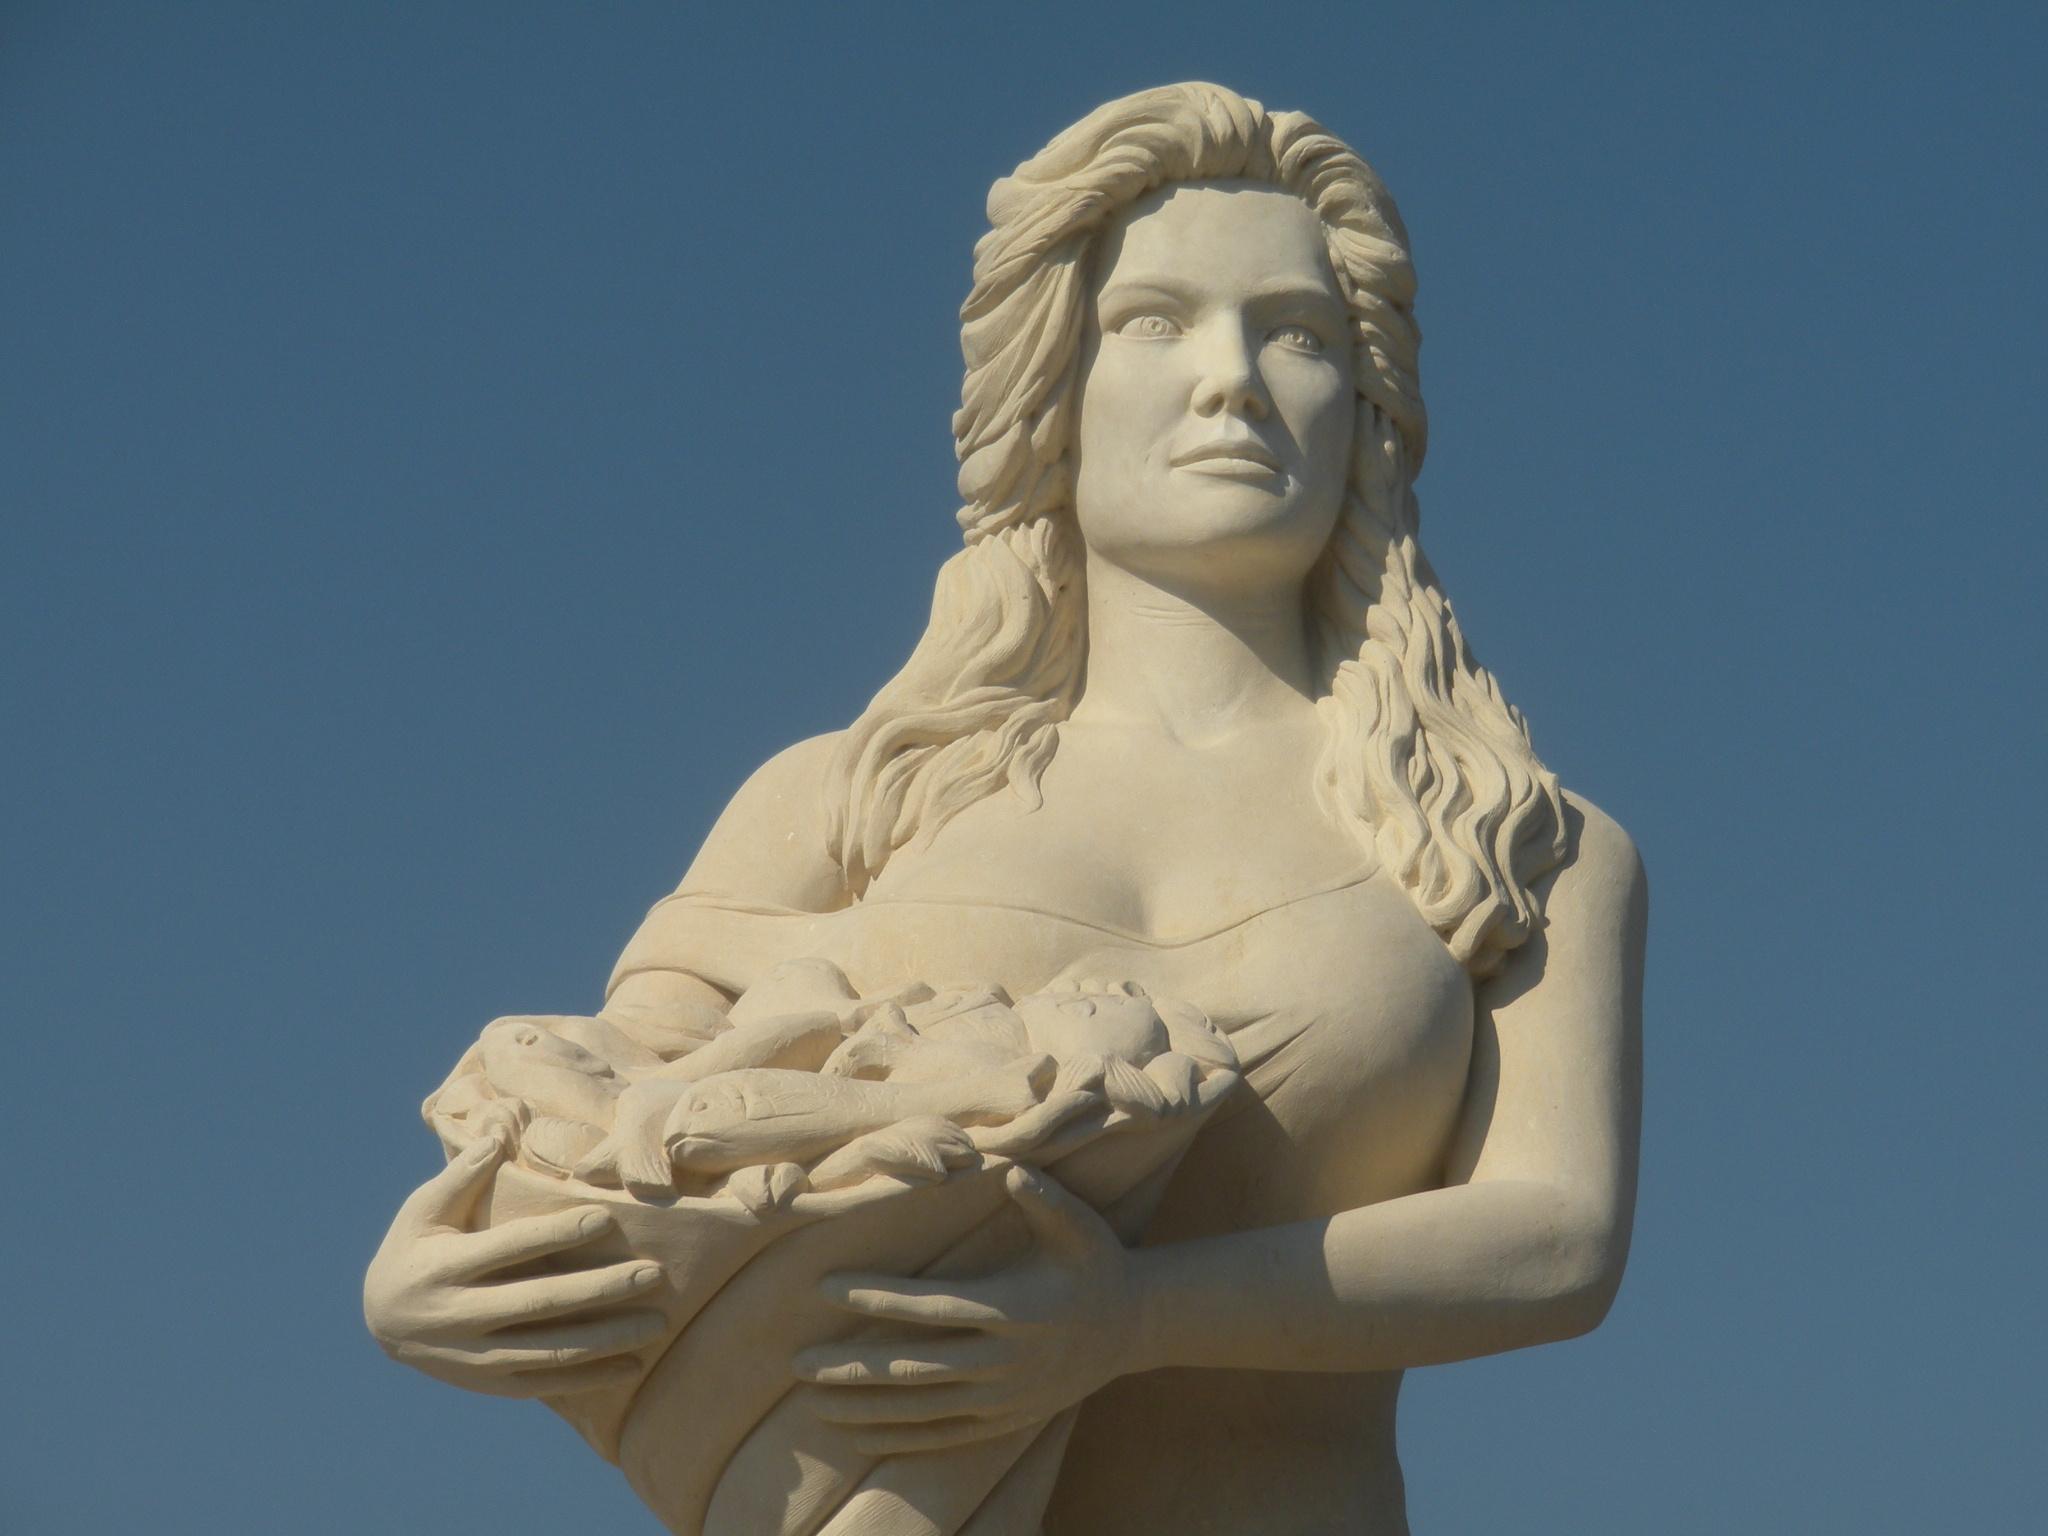 Statua di manuela arcuri il blog di romano borrelli for Cabine nei pini logan oh